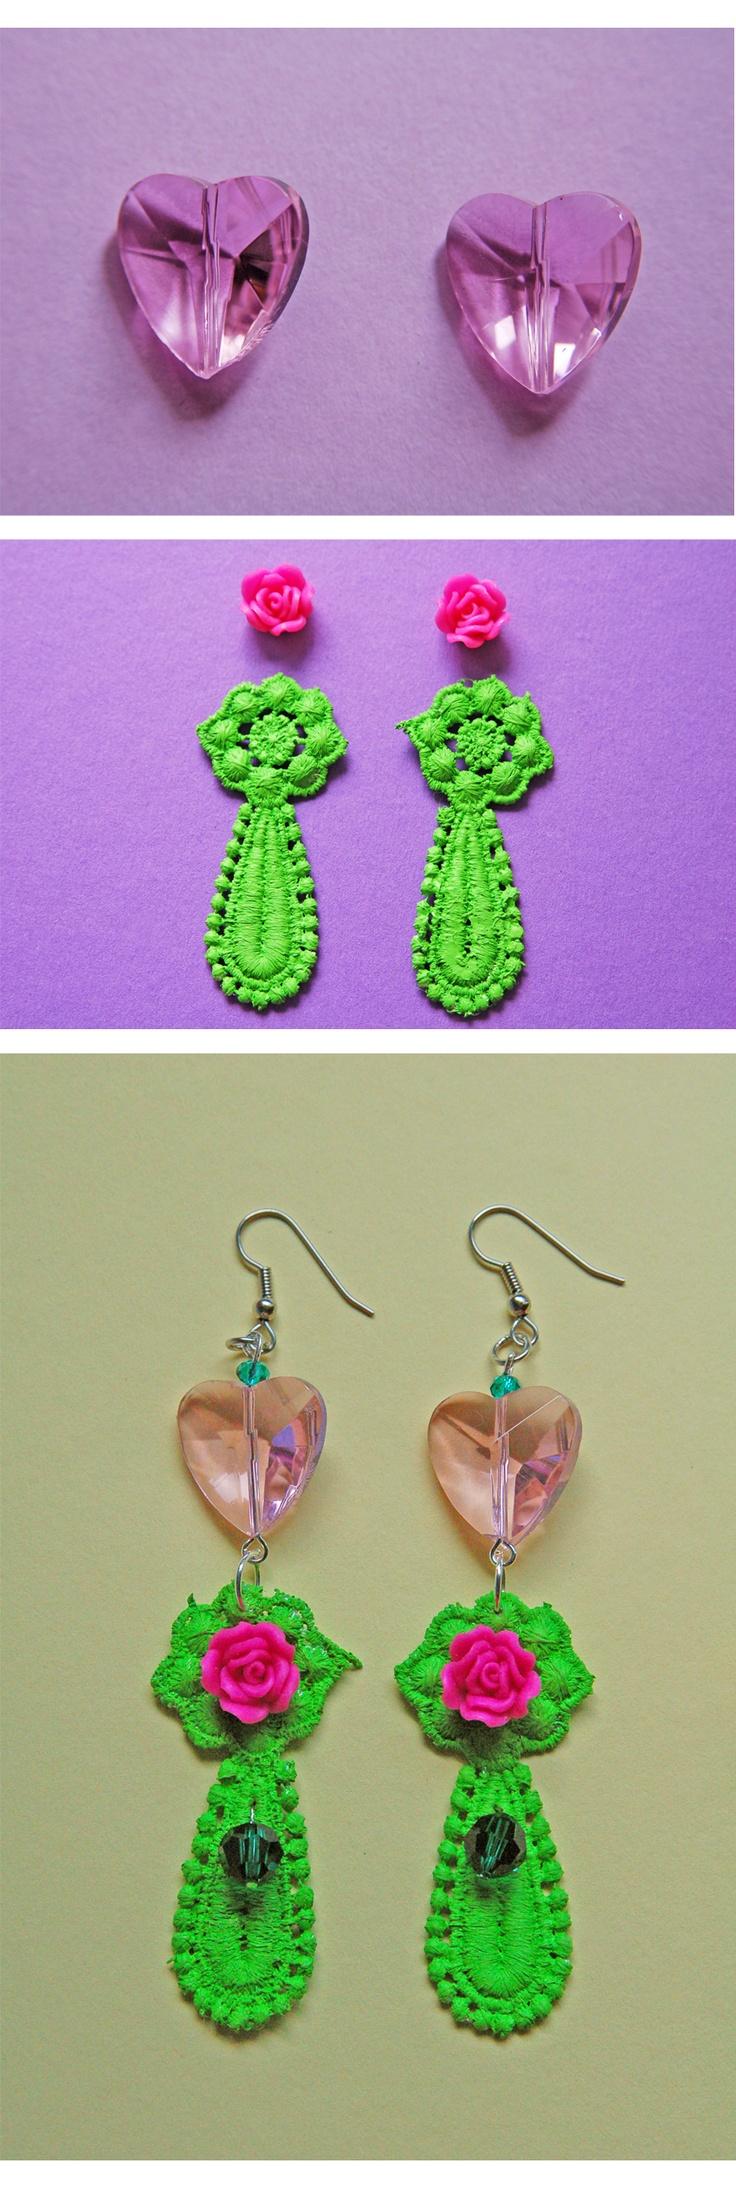 52 best diy jewelry: earrings images on pinterest | jewelry ideas